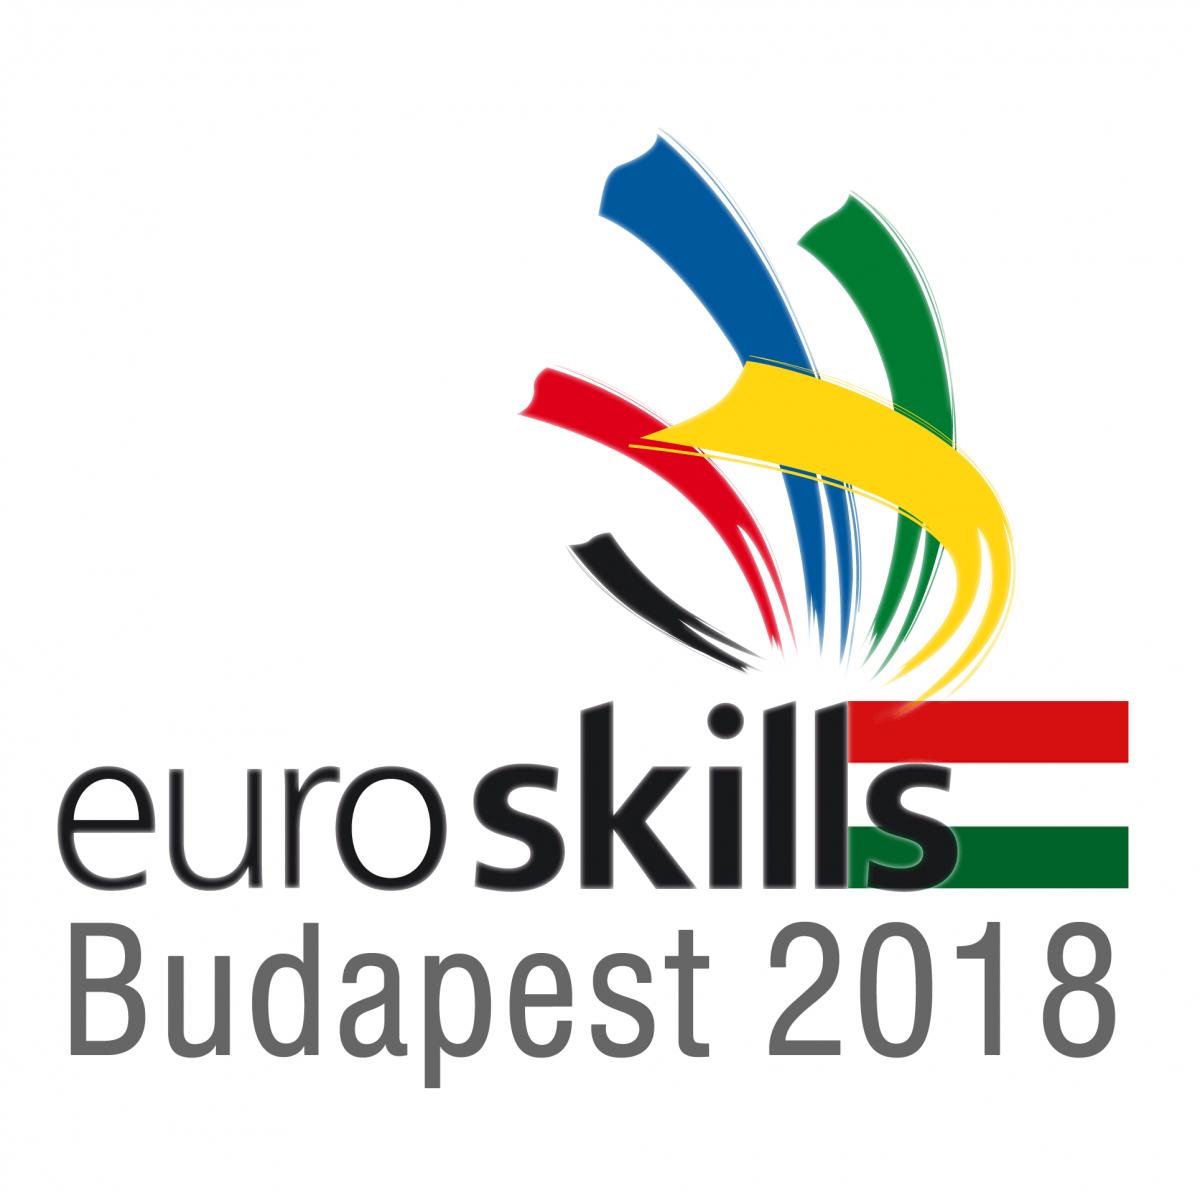 Президент Венгрии высоко оценил качественную работу на церемонии закрытия EuroSkills 2018 в Будапеште